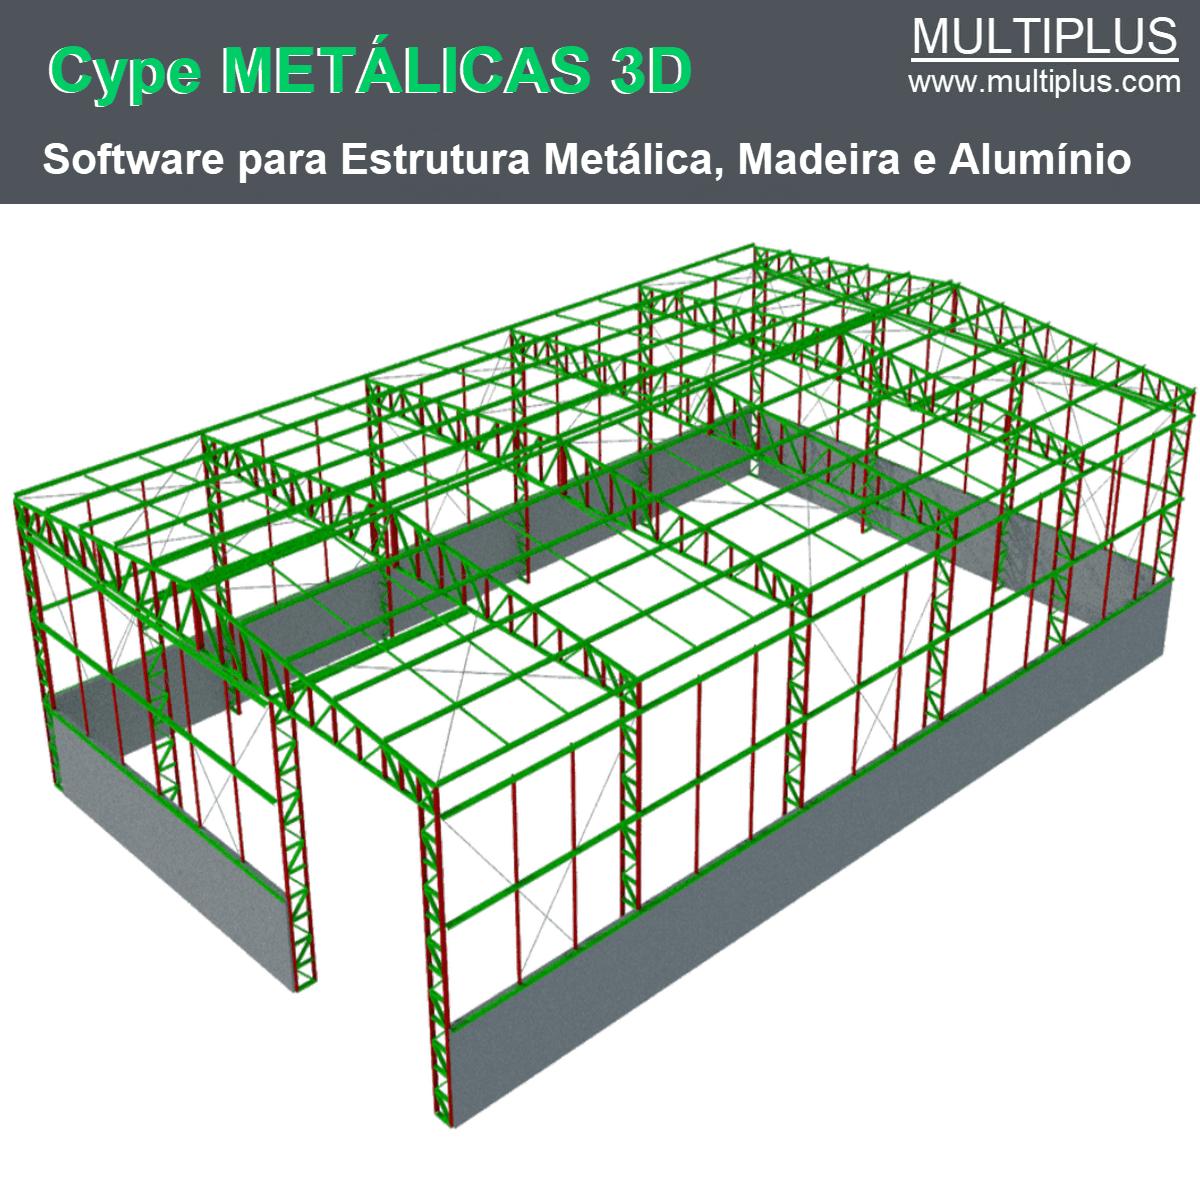 """Software Metálicas 3D MT40 versão 2021 (Licença Eletrônica) incluindo a modulação descrita em """"Itens Inclusos"""" a seguir  - MULTIPLUS SOFTWARES"""